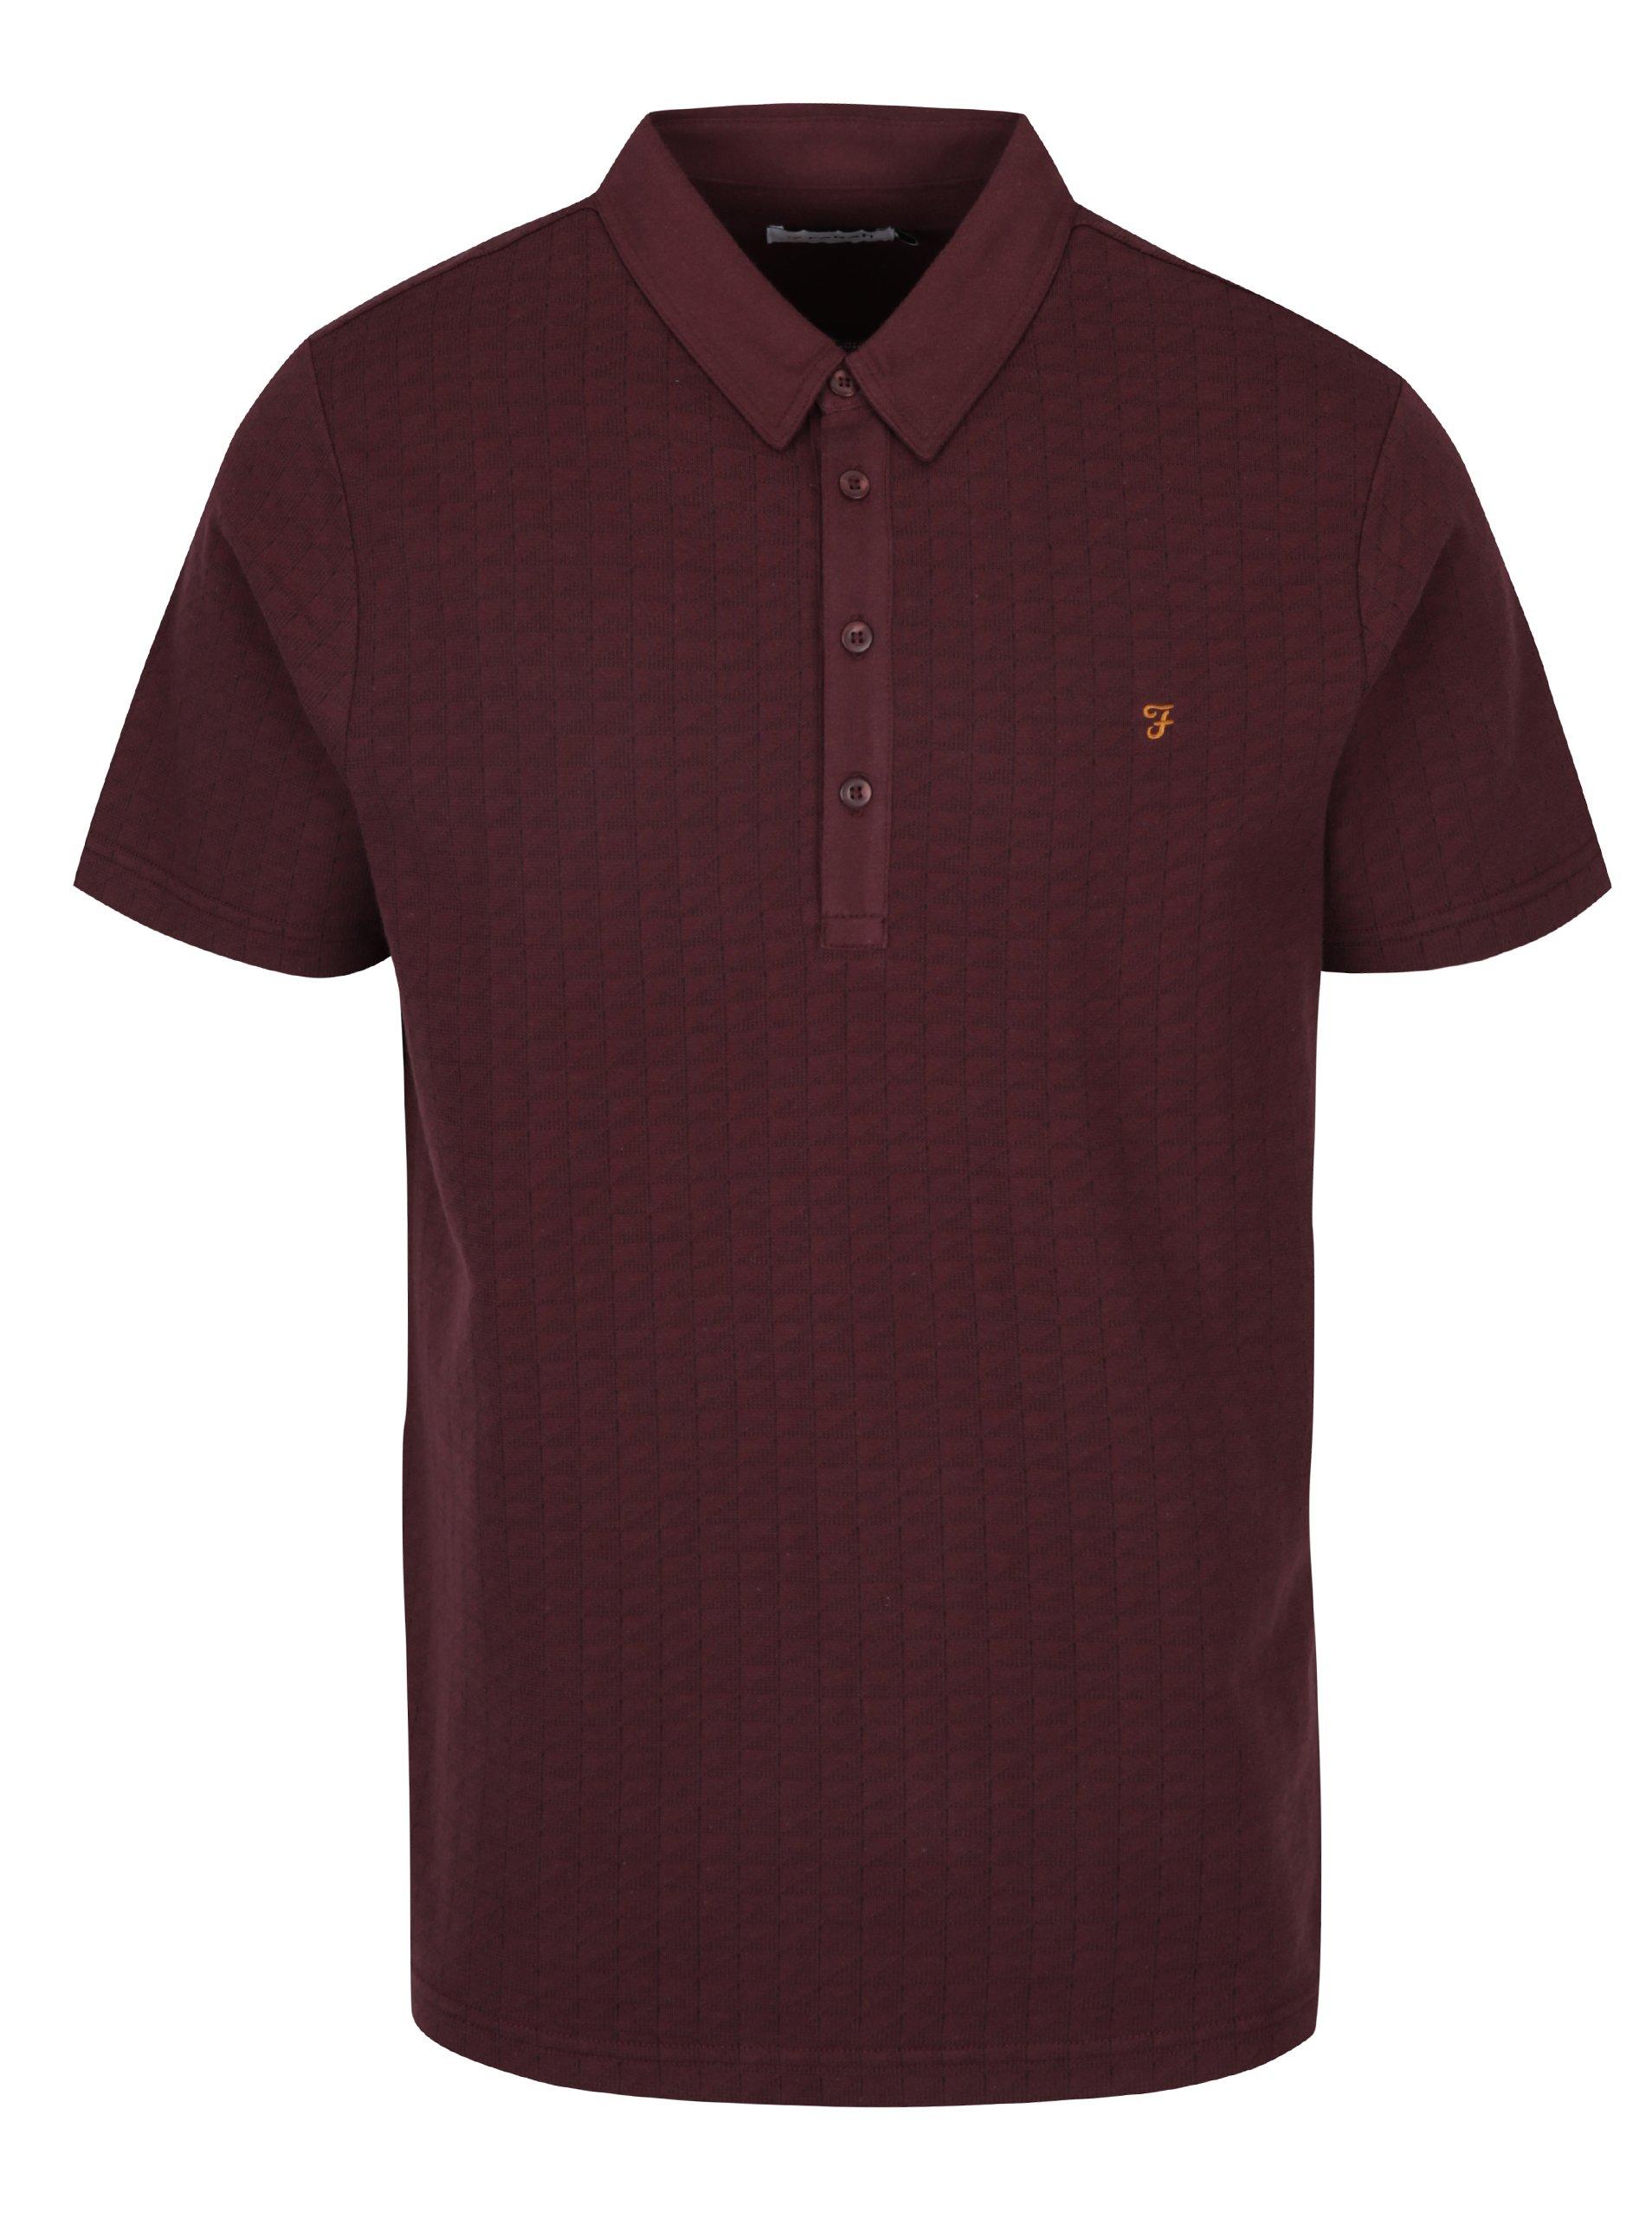 Vínové vzorované polo tričko Farah Chelsea